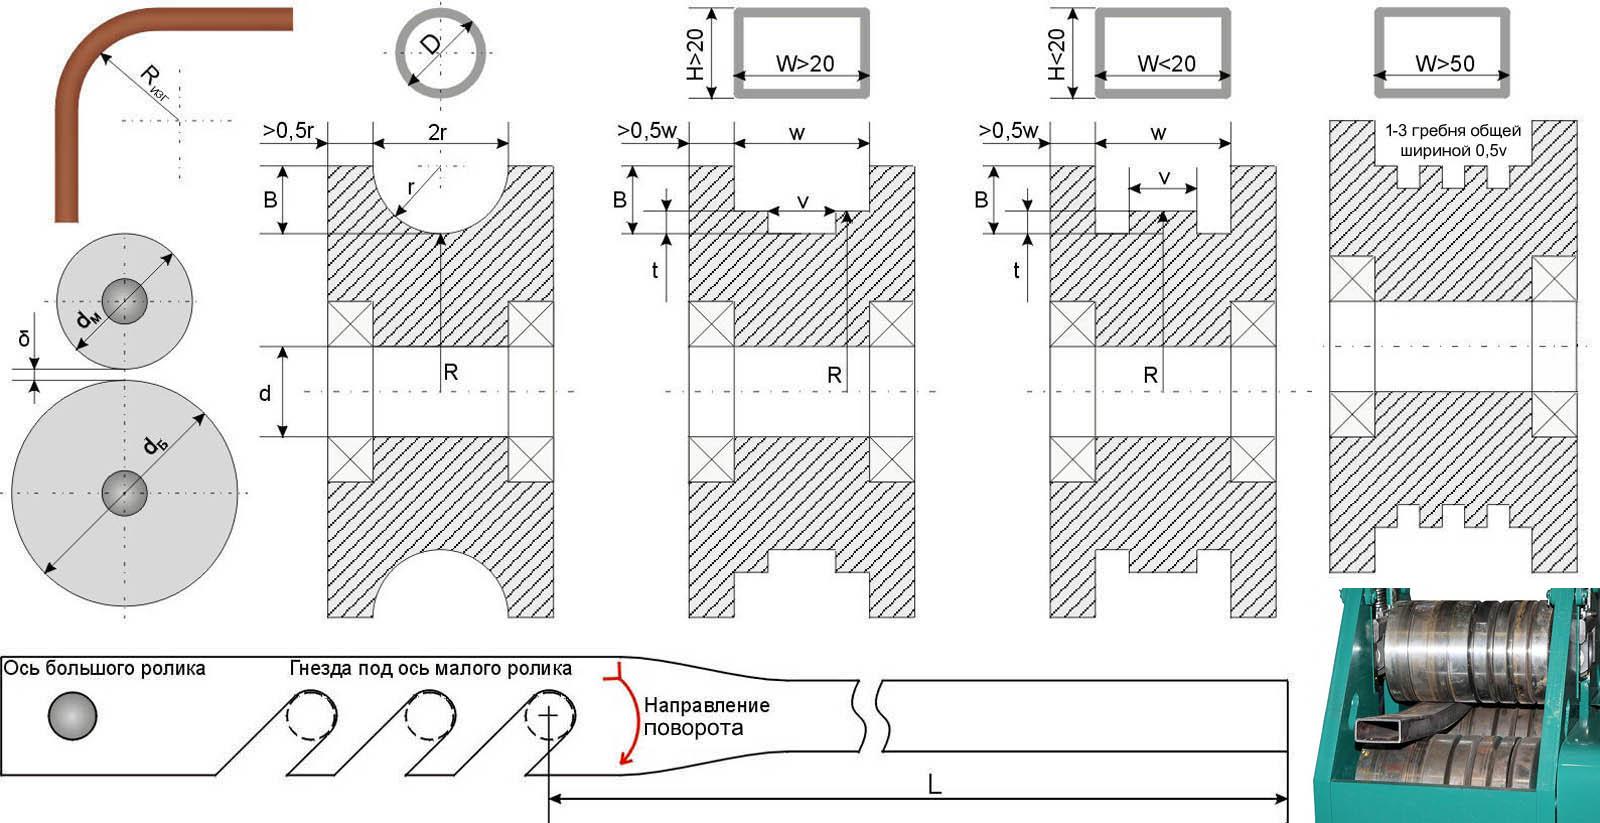 Как соорудить трубогиб профильной трубы своими руками: обзор лучших самоделок